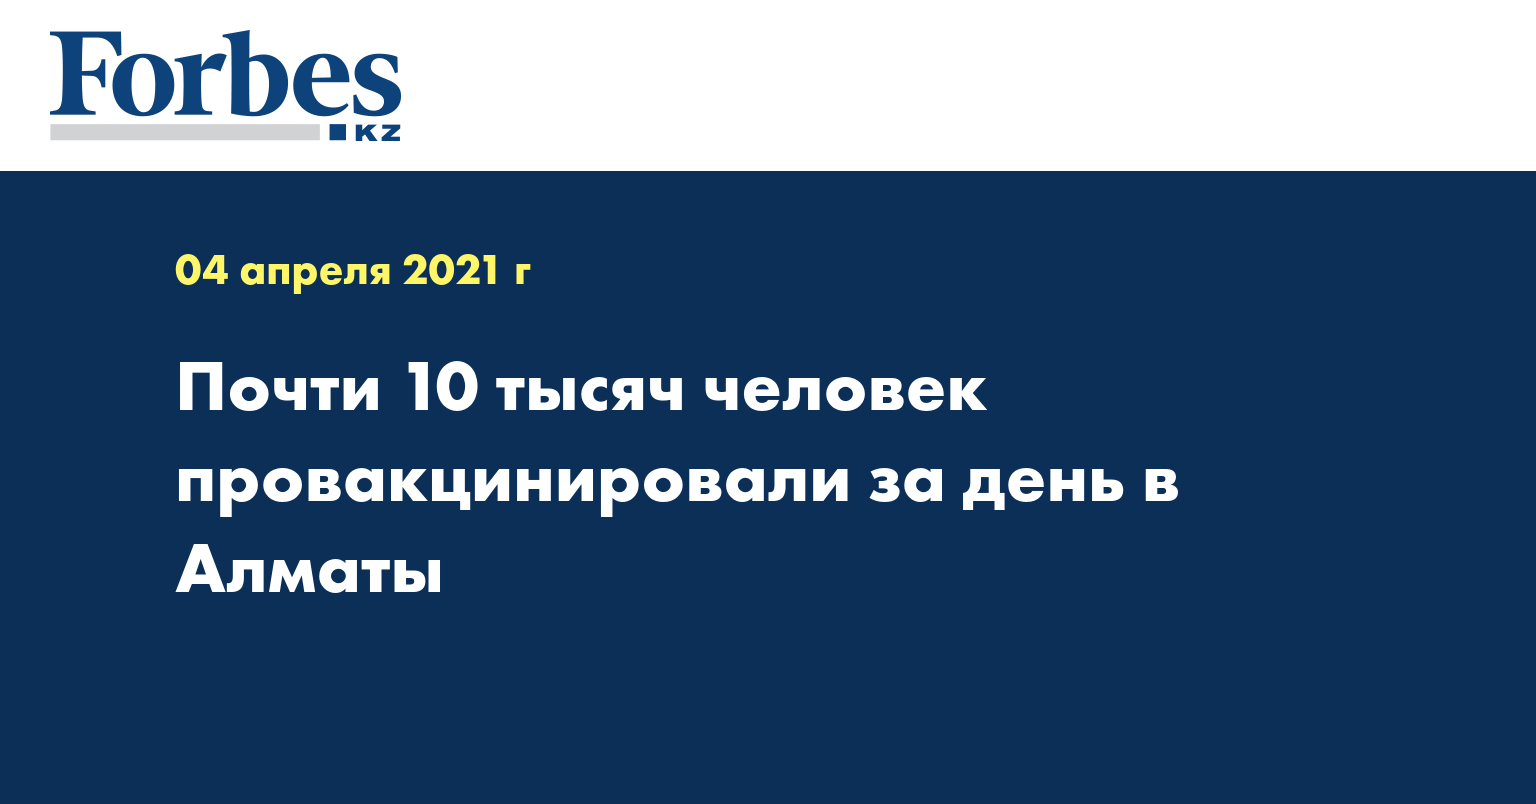 Почти 10 тысяч человек провакцинировали за день в Алматы